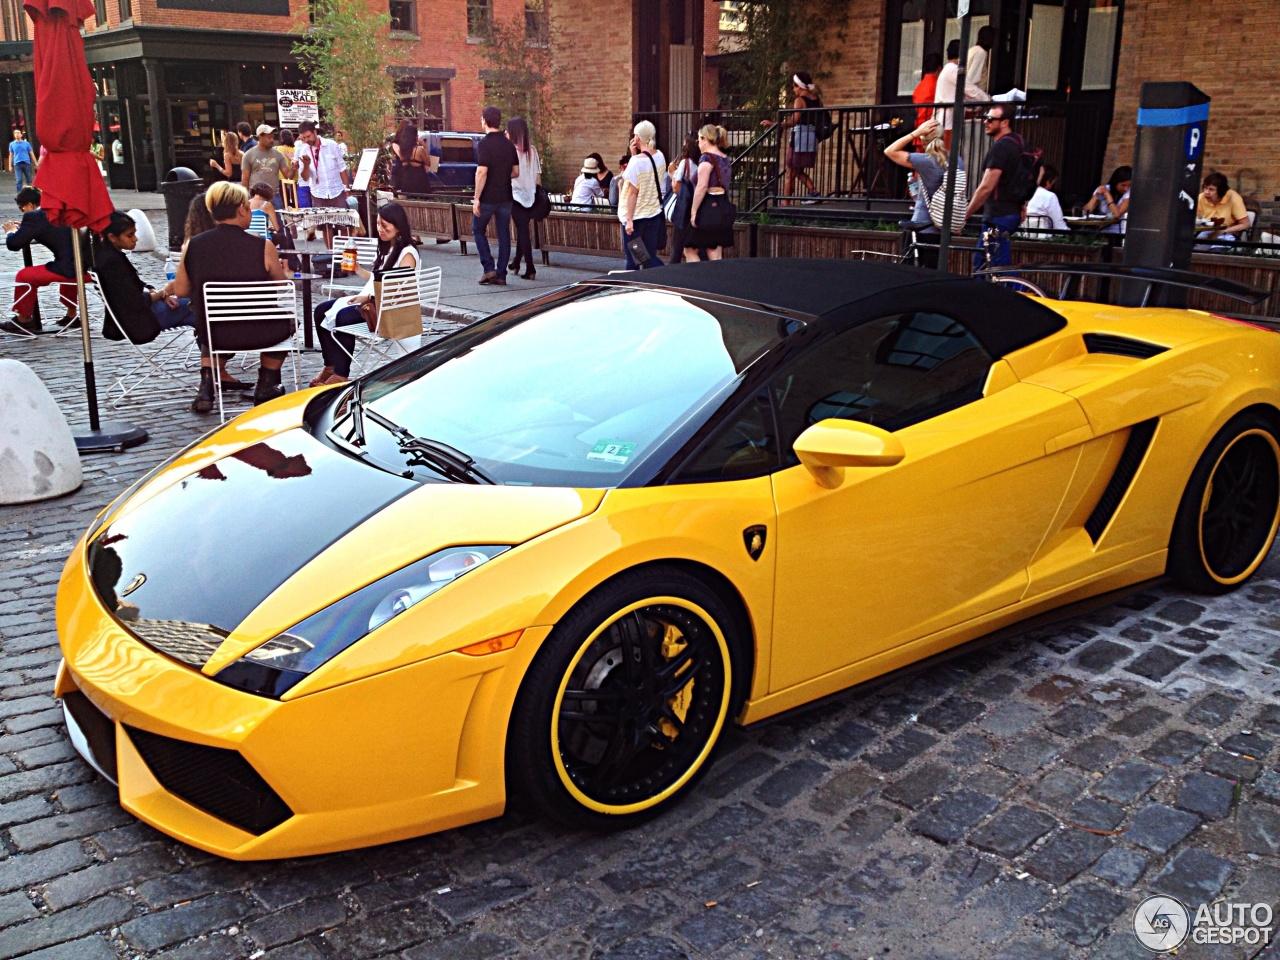 8 i lamborghini gallardo spyder 8 - Yellow Lamborghini Gallardo Spyder Wallpaper